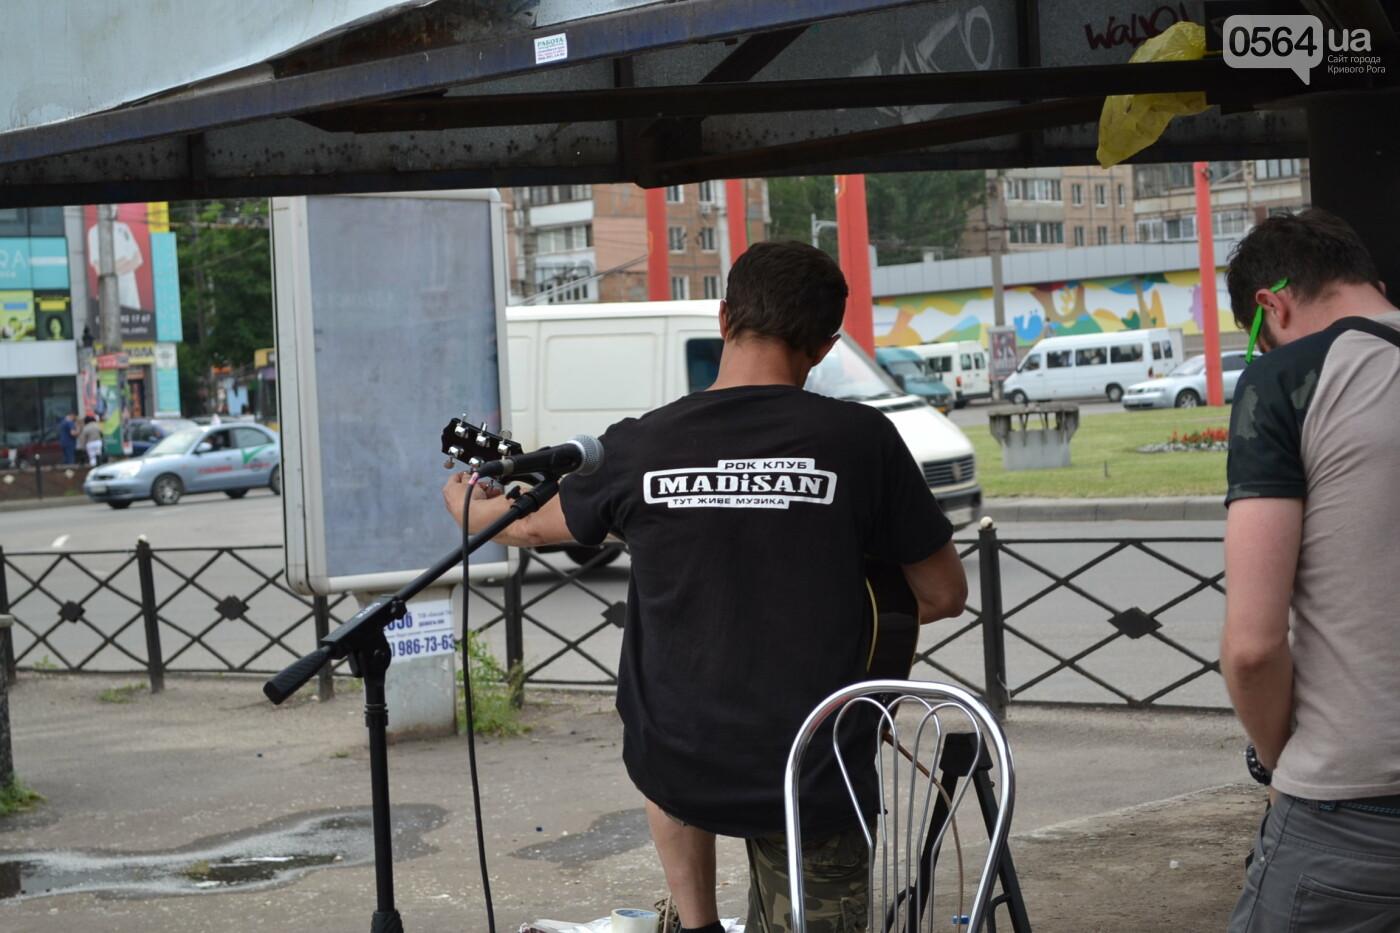 Концерт от Madisan Rock Club: криворожские музыканты поддержали юную Алину Михалковскую, - ФОТО, ВИДЕО, фото-4